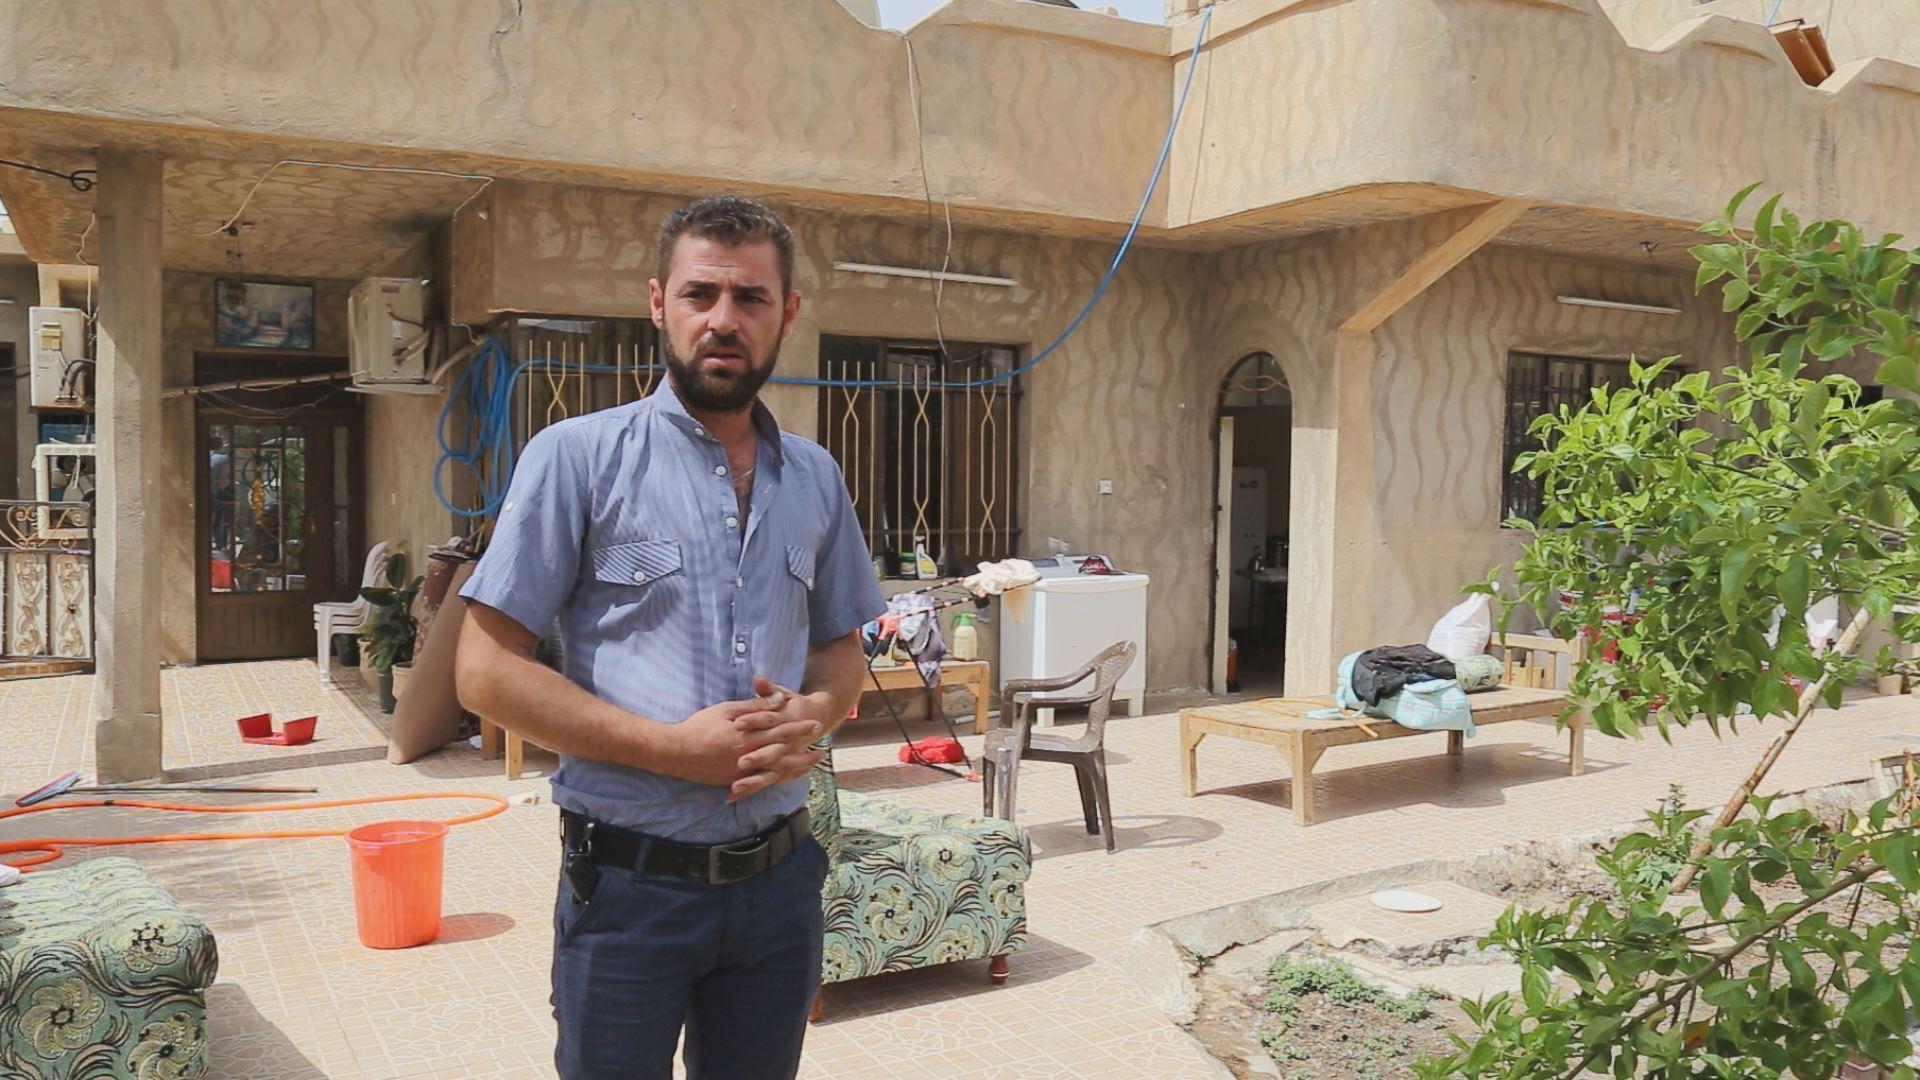 La reconstrucción de las primeras 17 casas destruidas por Daesh en Irak